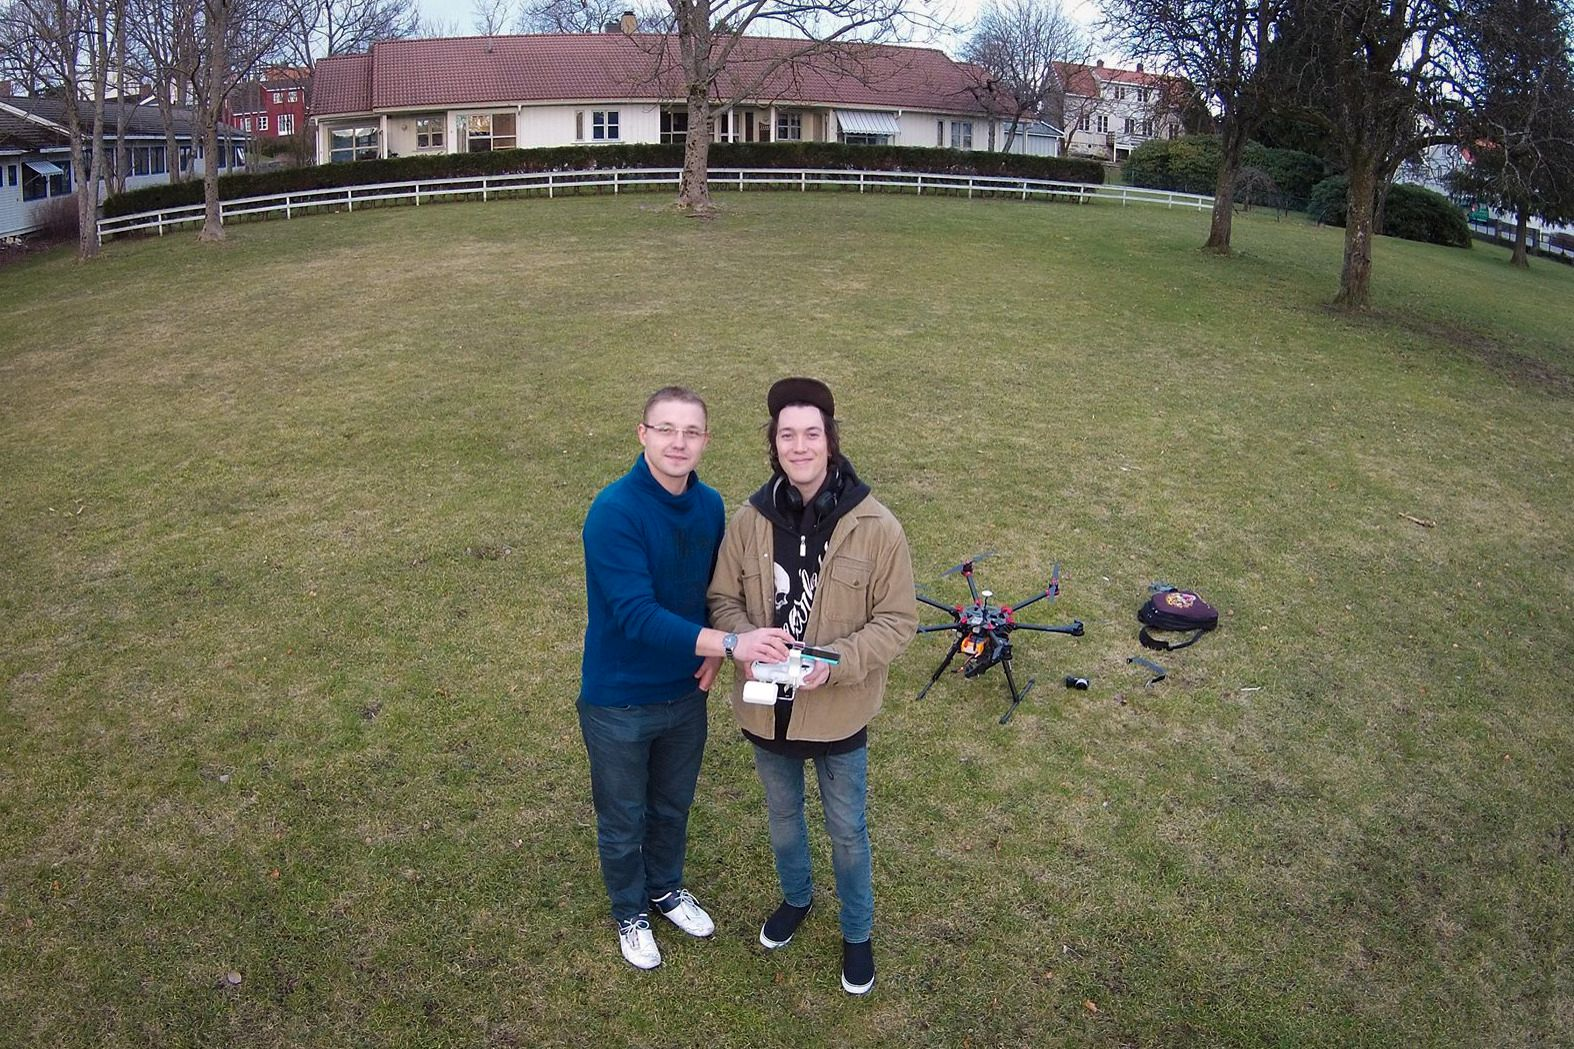 Vitaly Slettevoll og Marcus Holm Andreassen. Foto: Droneverkstedet